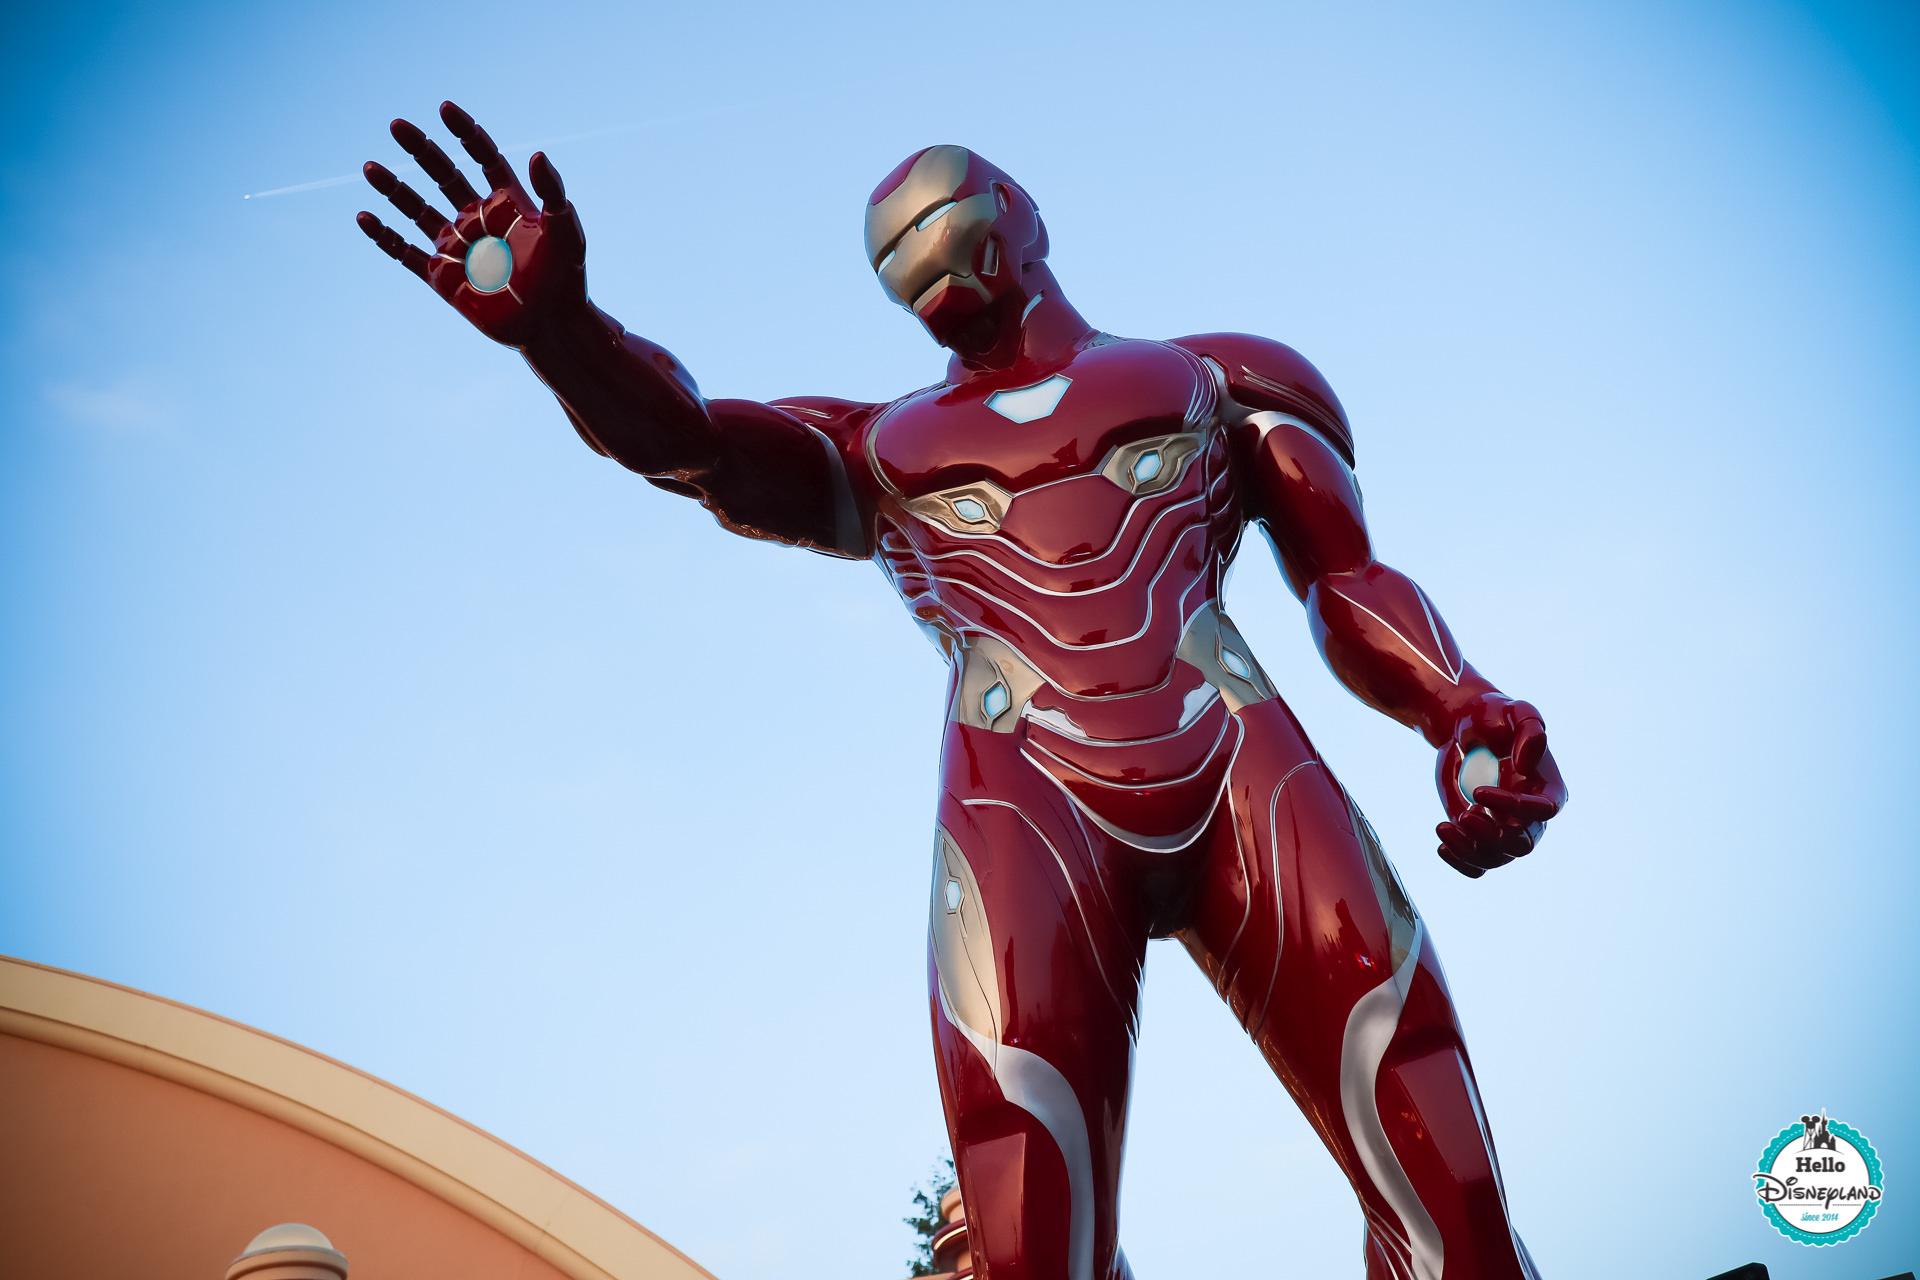 saison Marvel en 2020 à Disneyland Paris